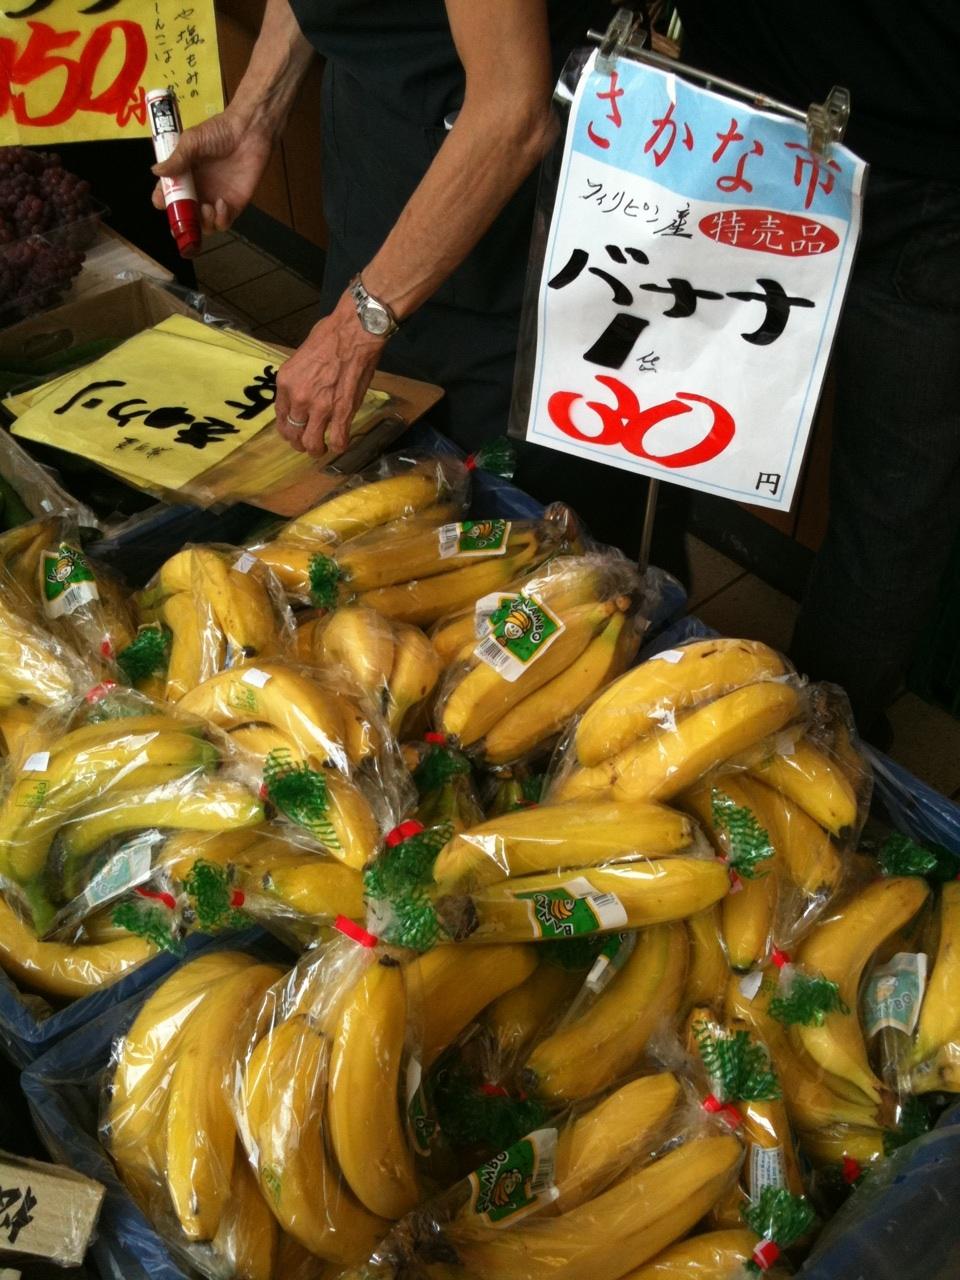 [Изображение: banana.jpg]